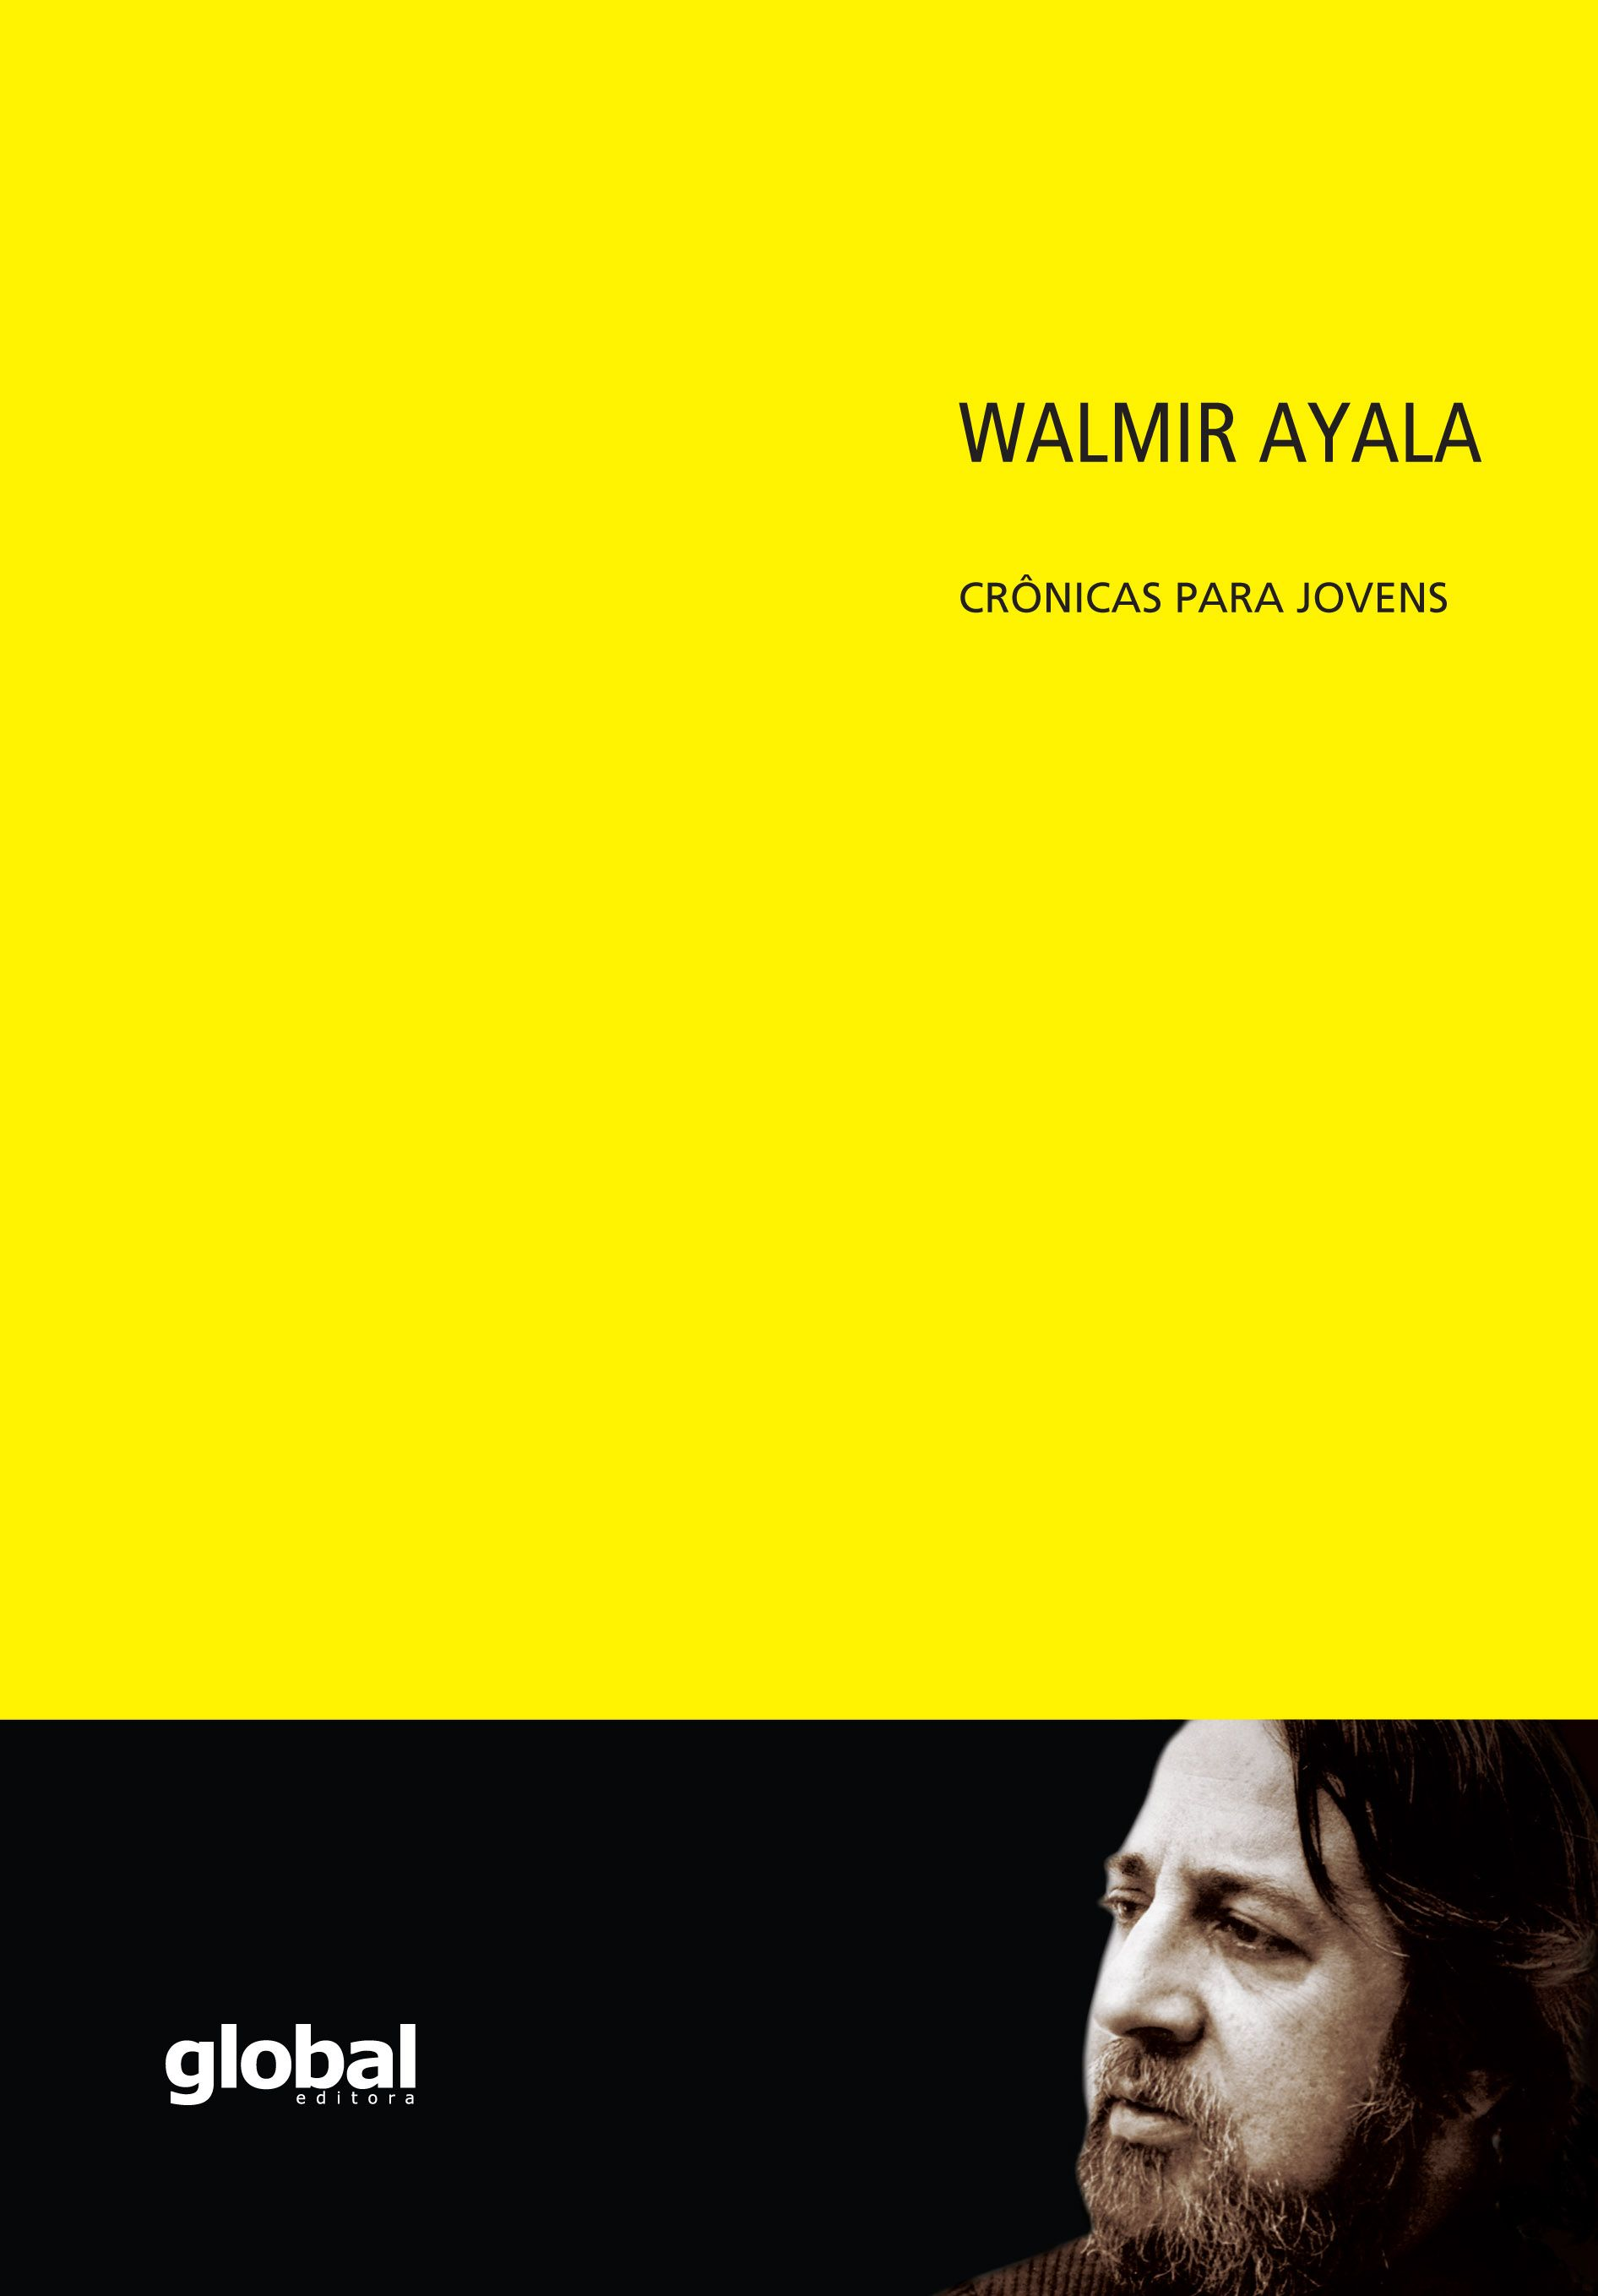 Walmir Ayala Crônicas para jovens - Walmir Ayala - Global Editora